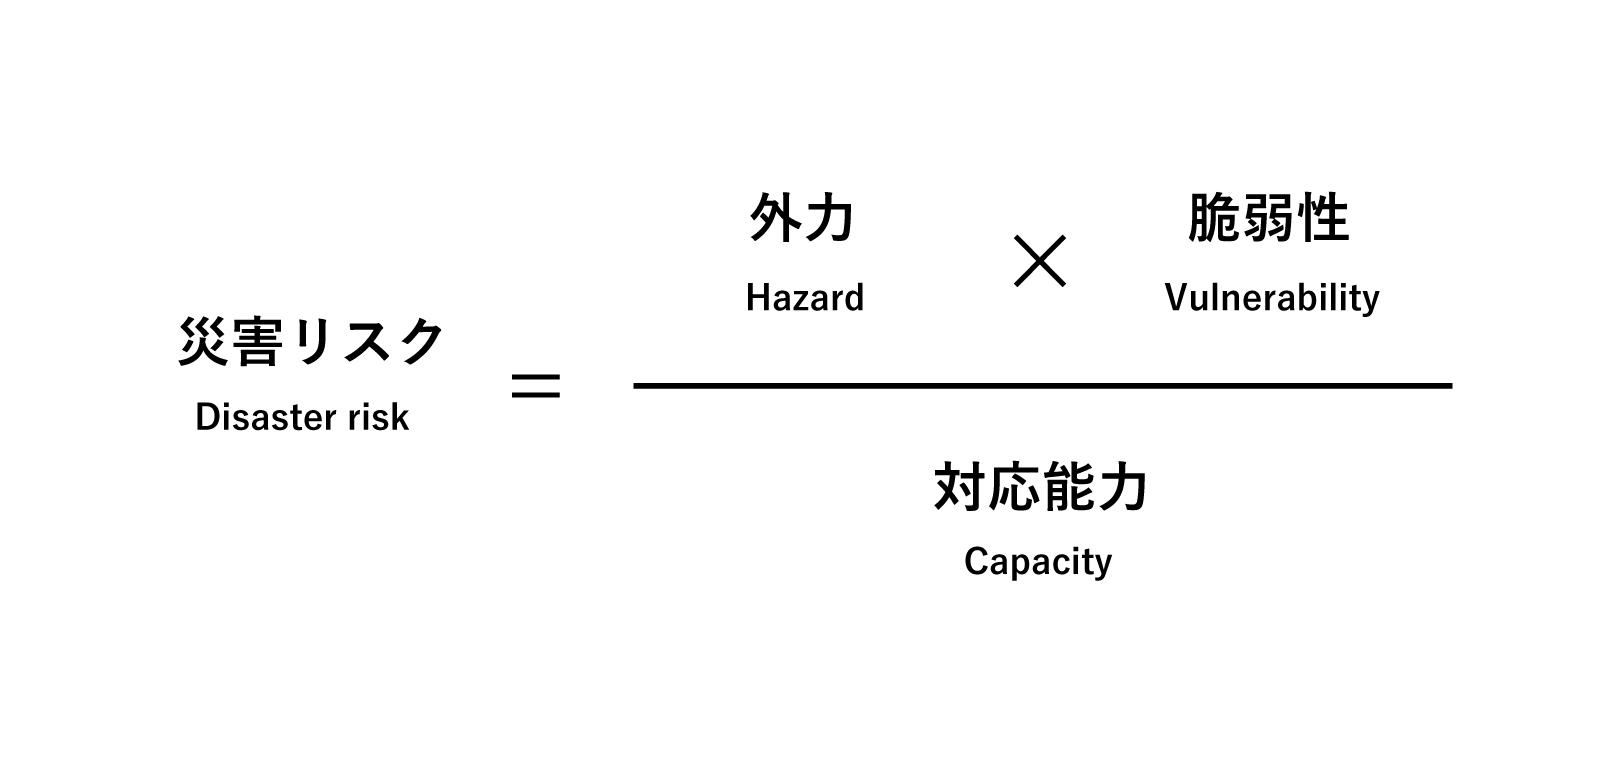 災害リスク図